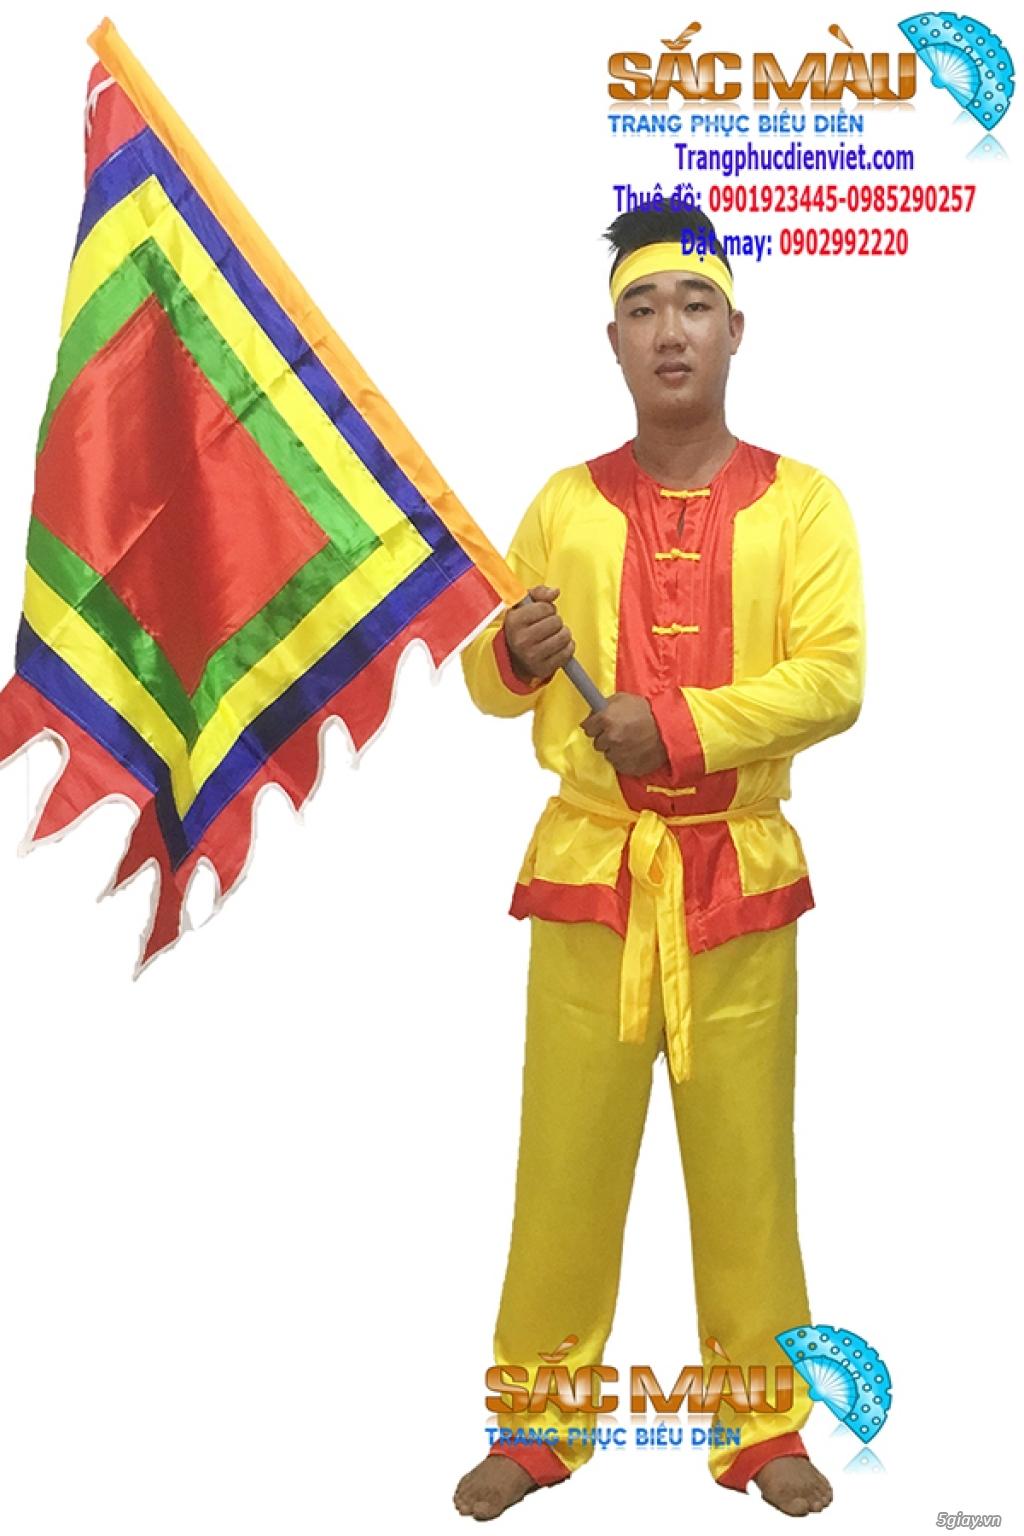 Cho thuê trang phục lính tây sơn giá rẻ quận 12, tphcm - 4